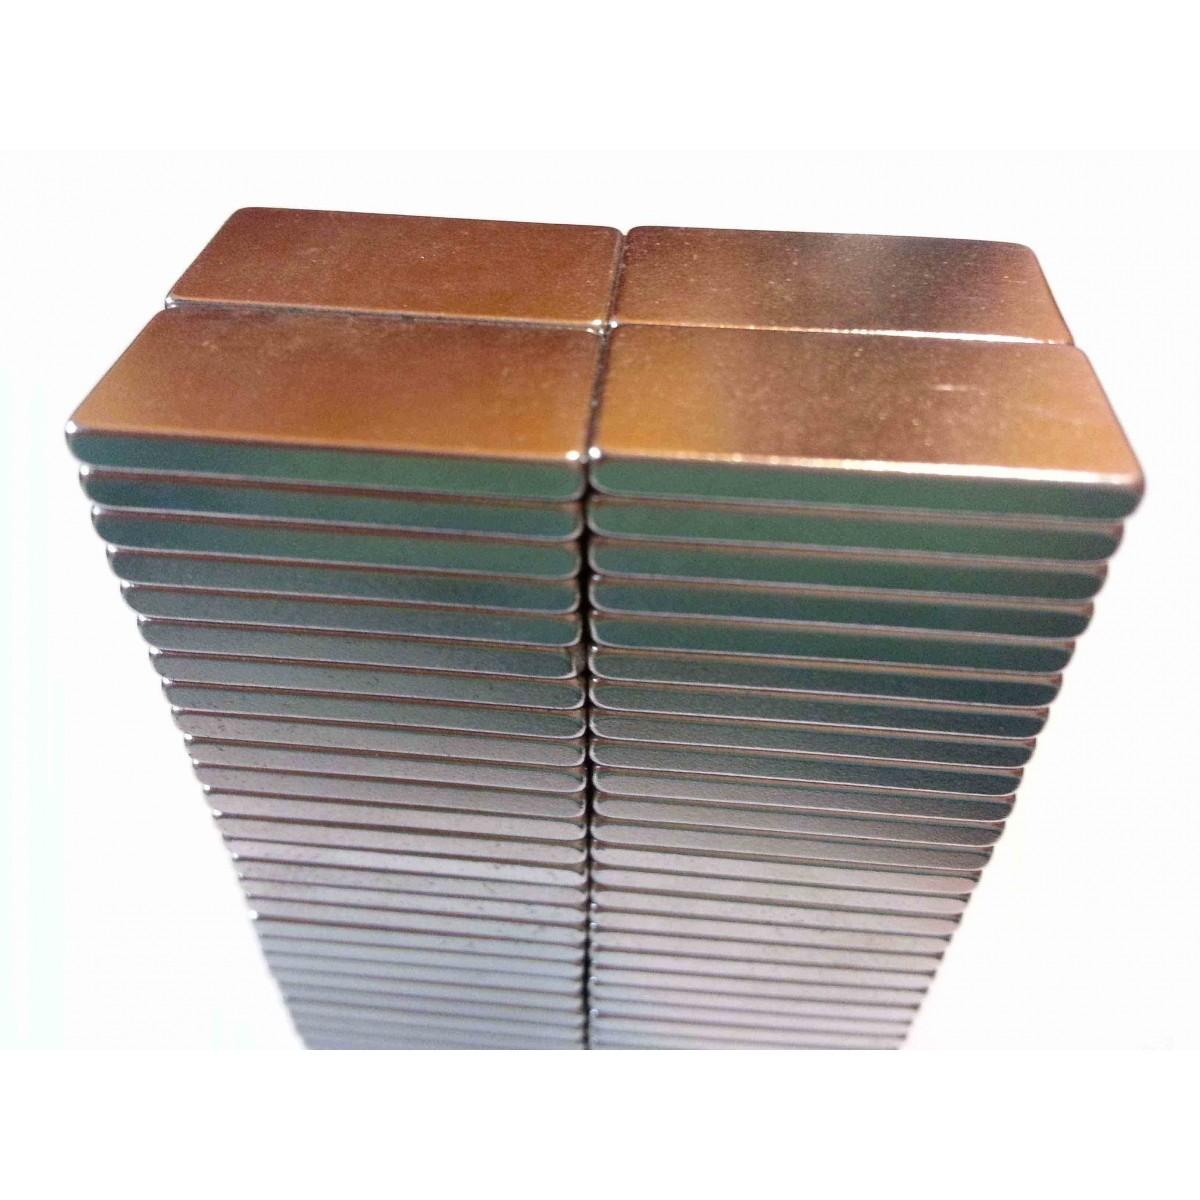 Imã De Neodímio / Super Forte / 20mm X 10mm X 2mm , 10 Peças